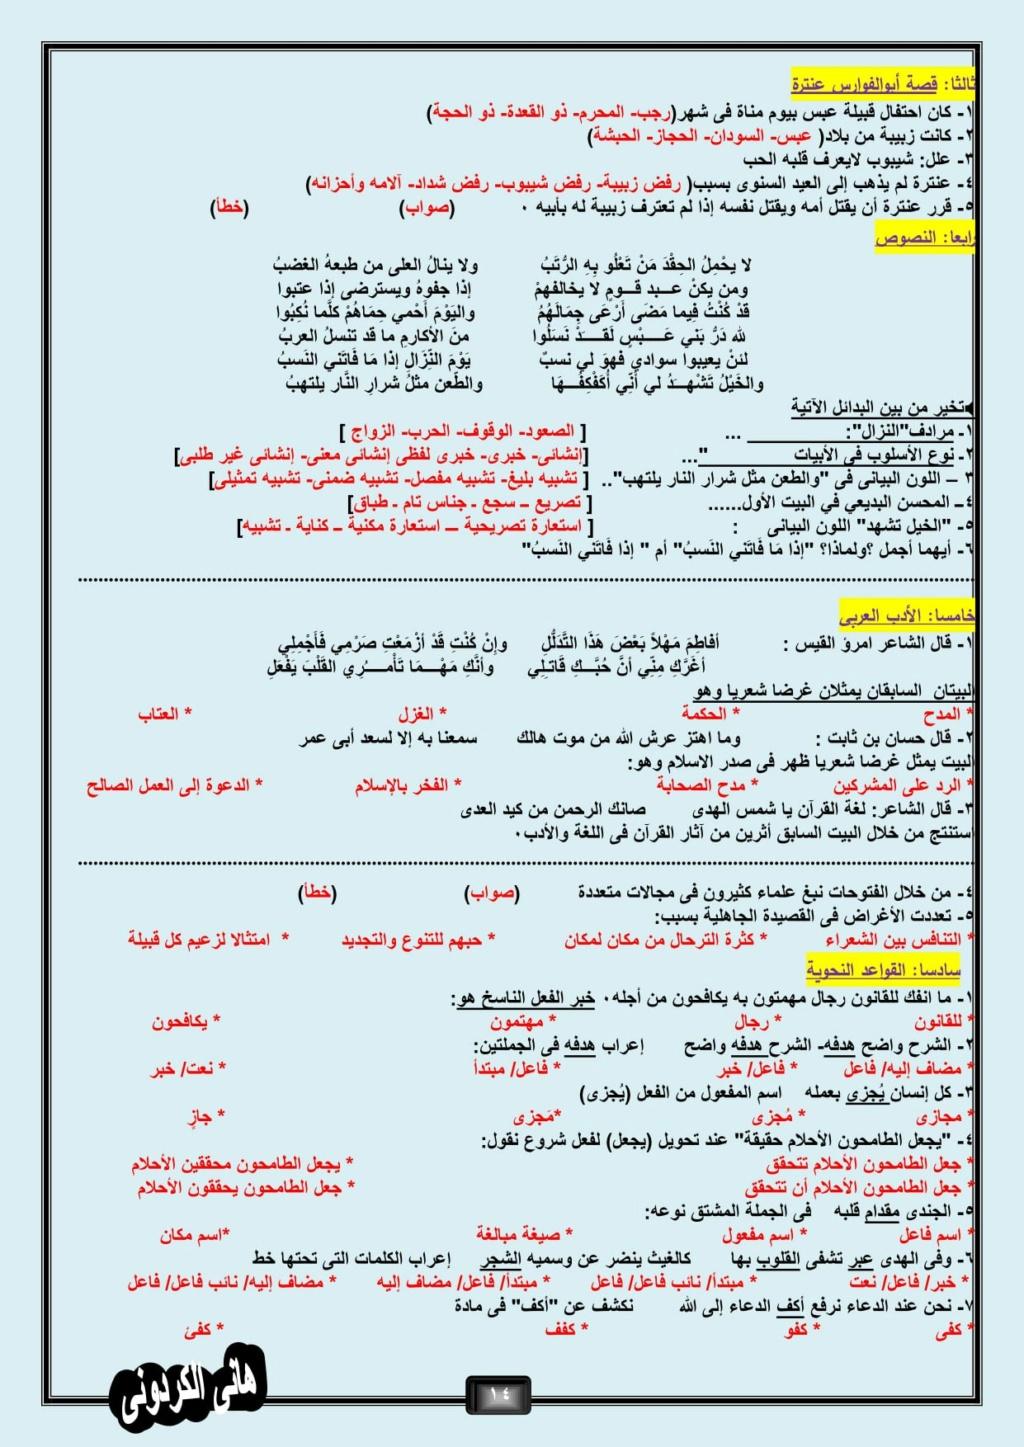 امتحان لغة عربية للمتفوقين طلاب الصف الأول الثانوى2021 21963